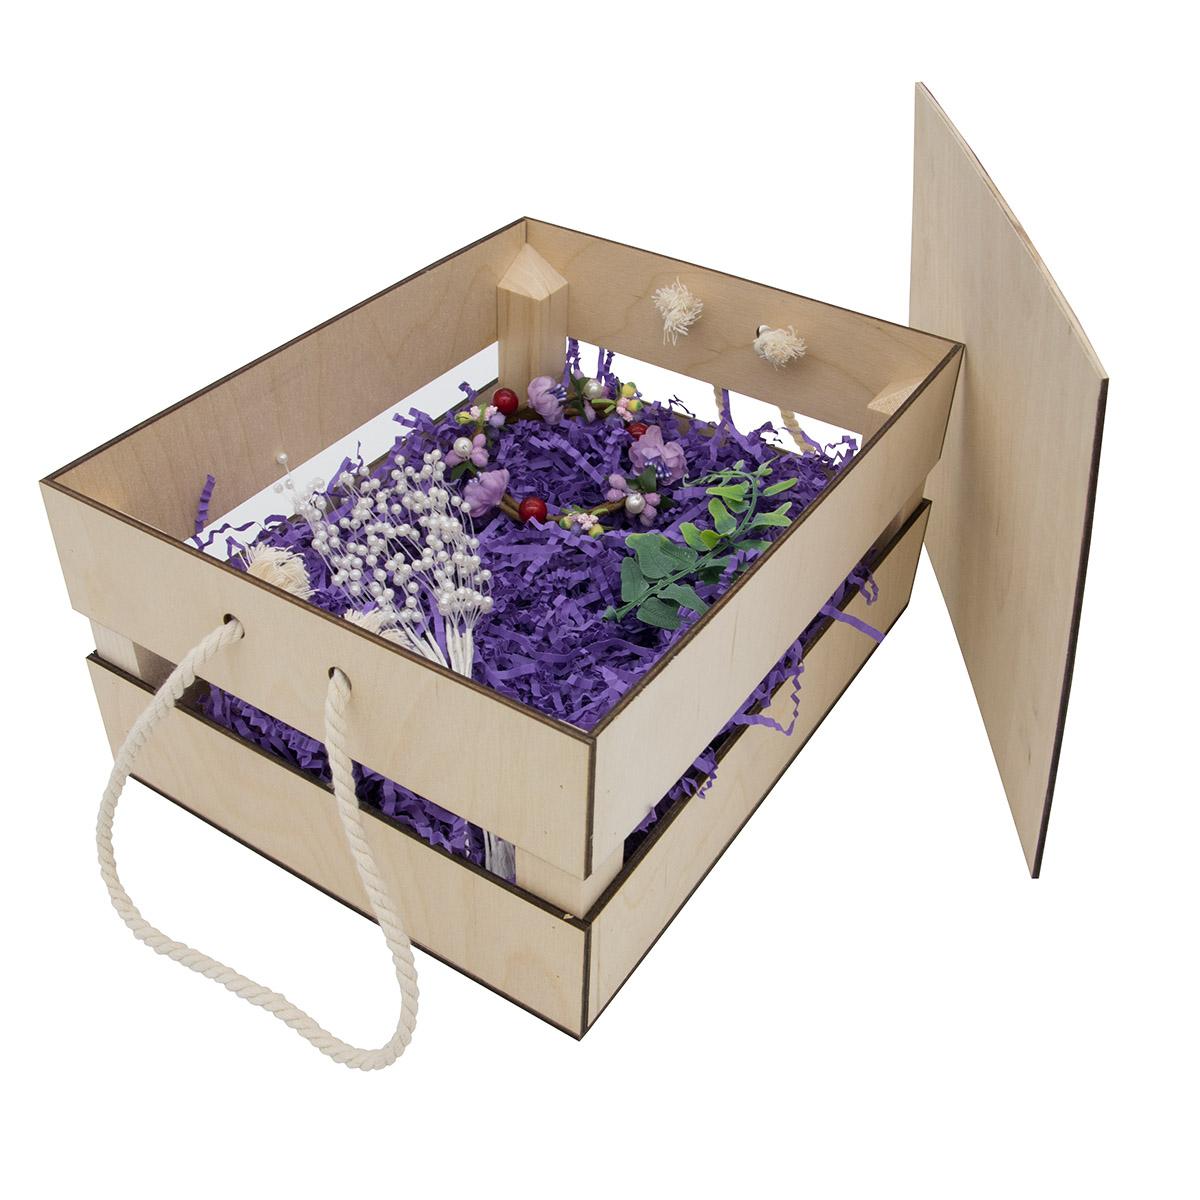 НА-024 Набор для оформления подарка 'Фиолет', ящик 25*20 см, белый